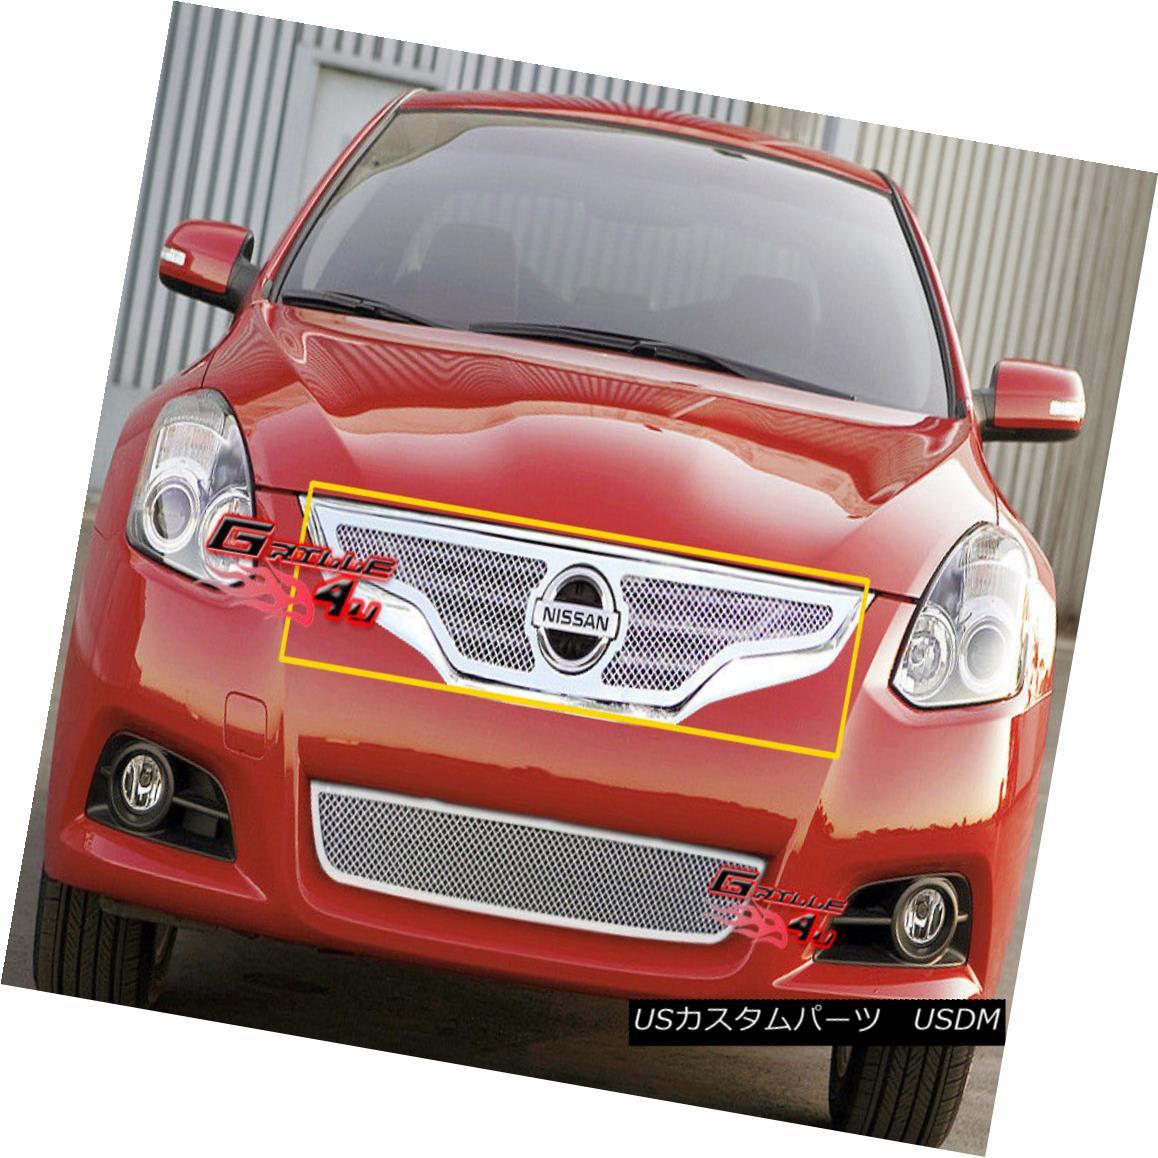 グリル Fits 2010-2012 Nissan Altima Coupe Stainless Steel Mesh Grille Grill Insert フィット2010-2012日産アルティマクーペステンレスメッシュグリルグリルインサート